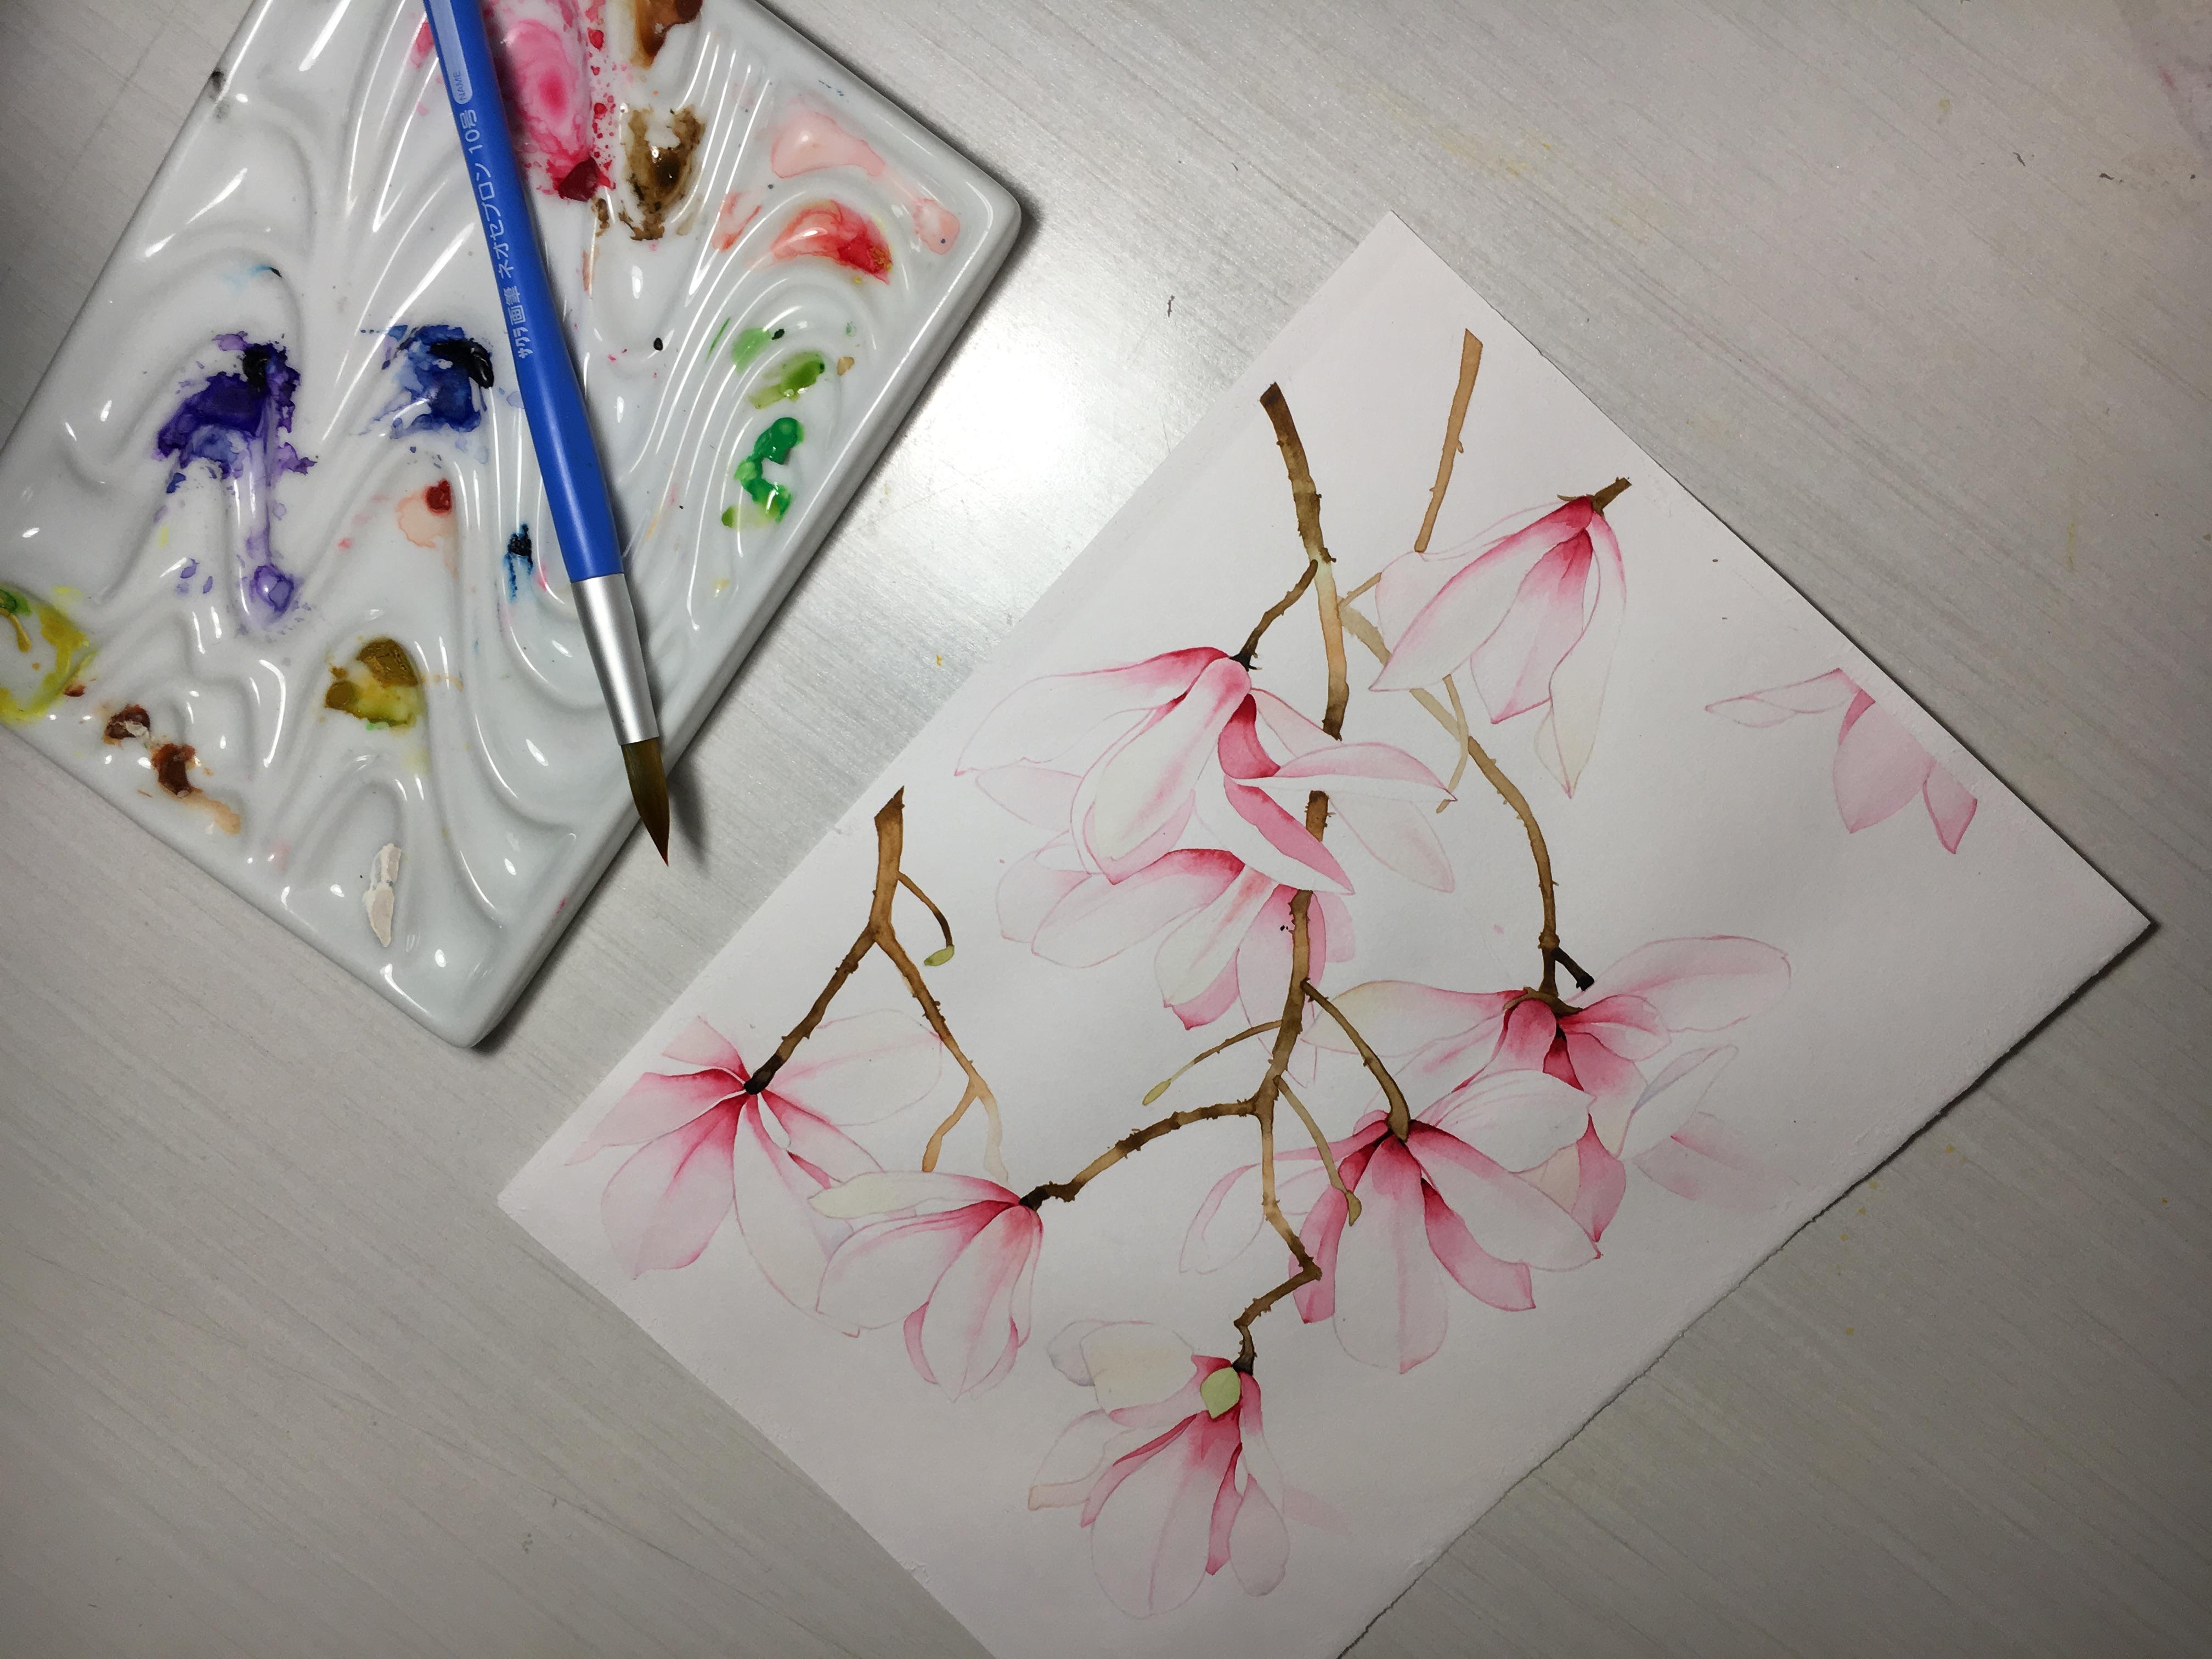 玉兰花水彩手绘|插画|插画习作|天空安静 - 原创作品